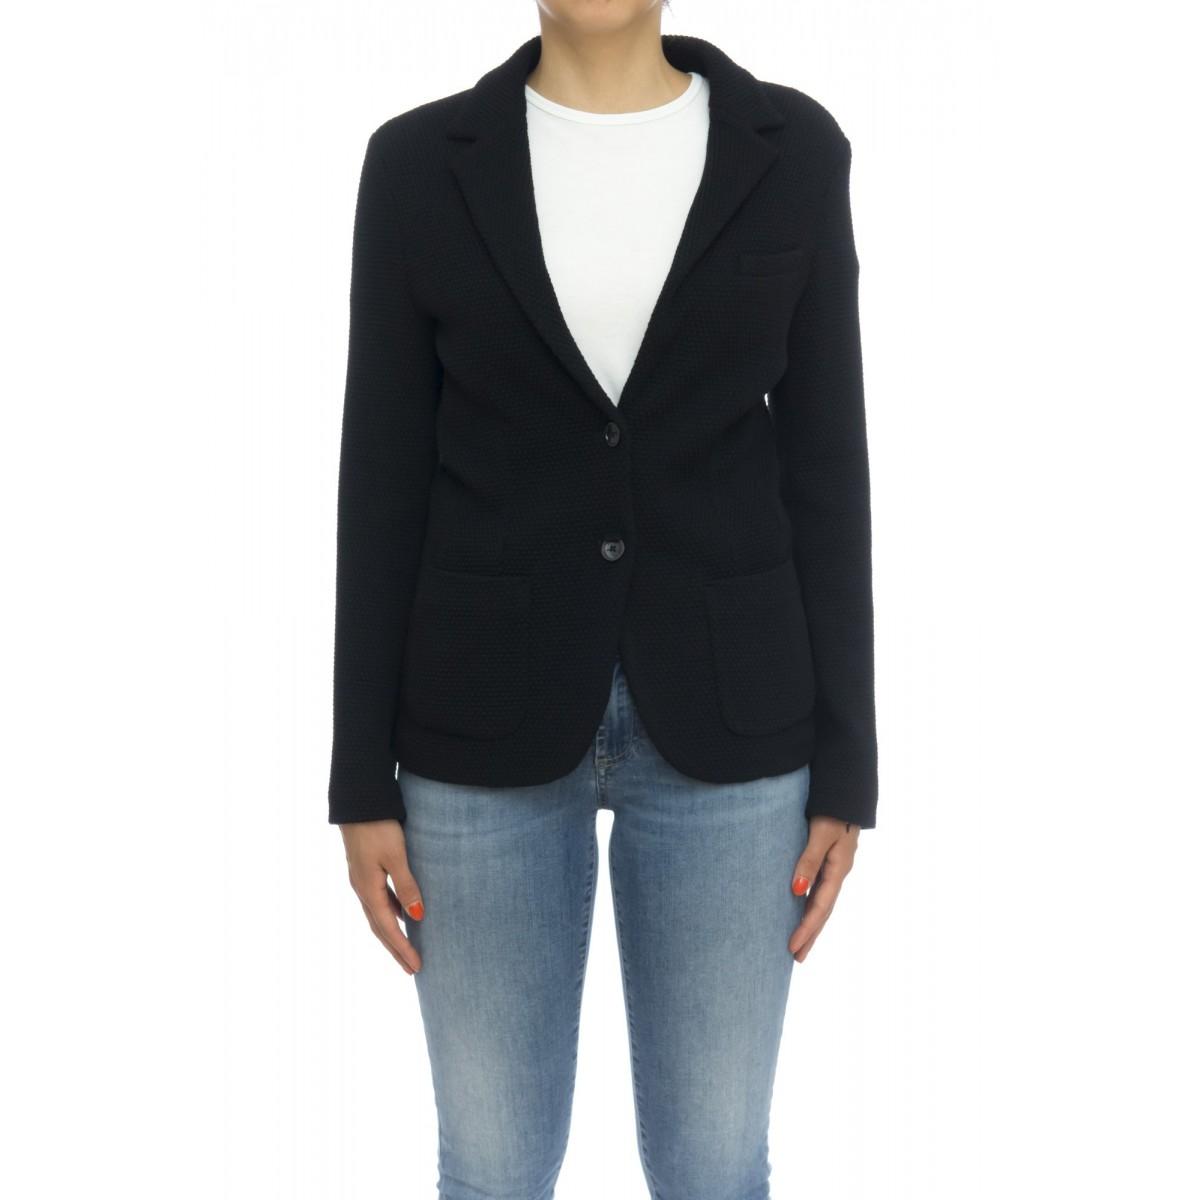 Giacca donna - Fd1204 giacca nido d'ape